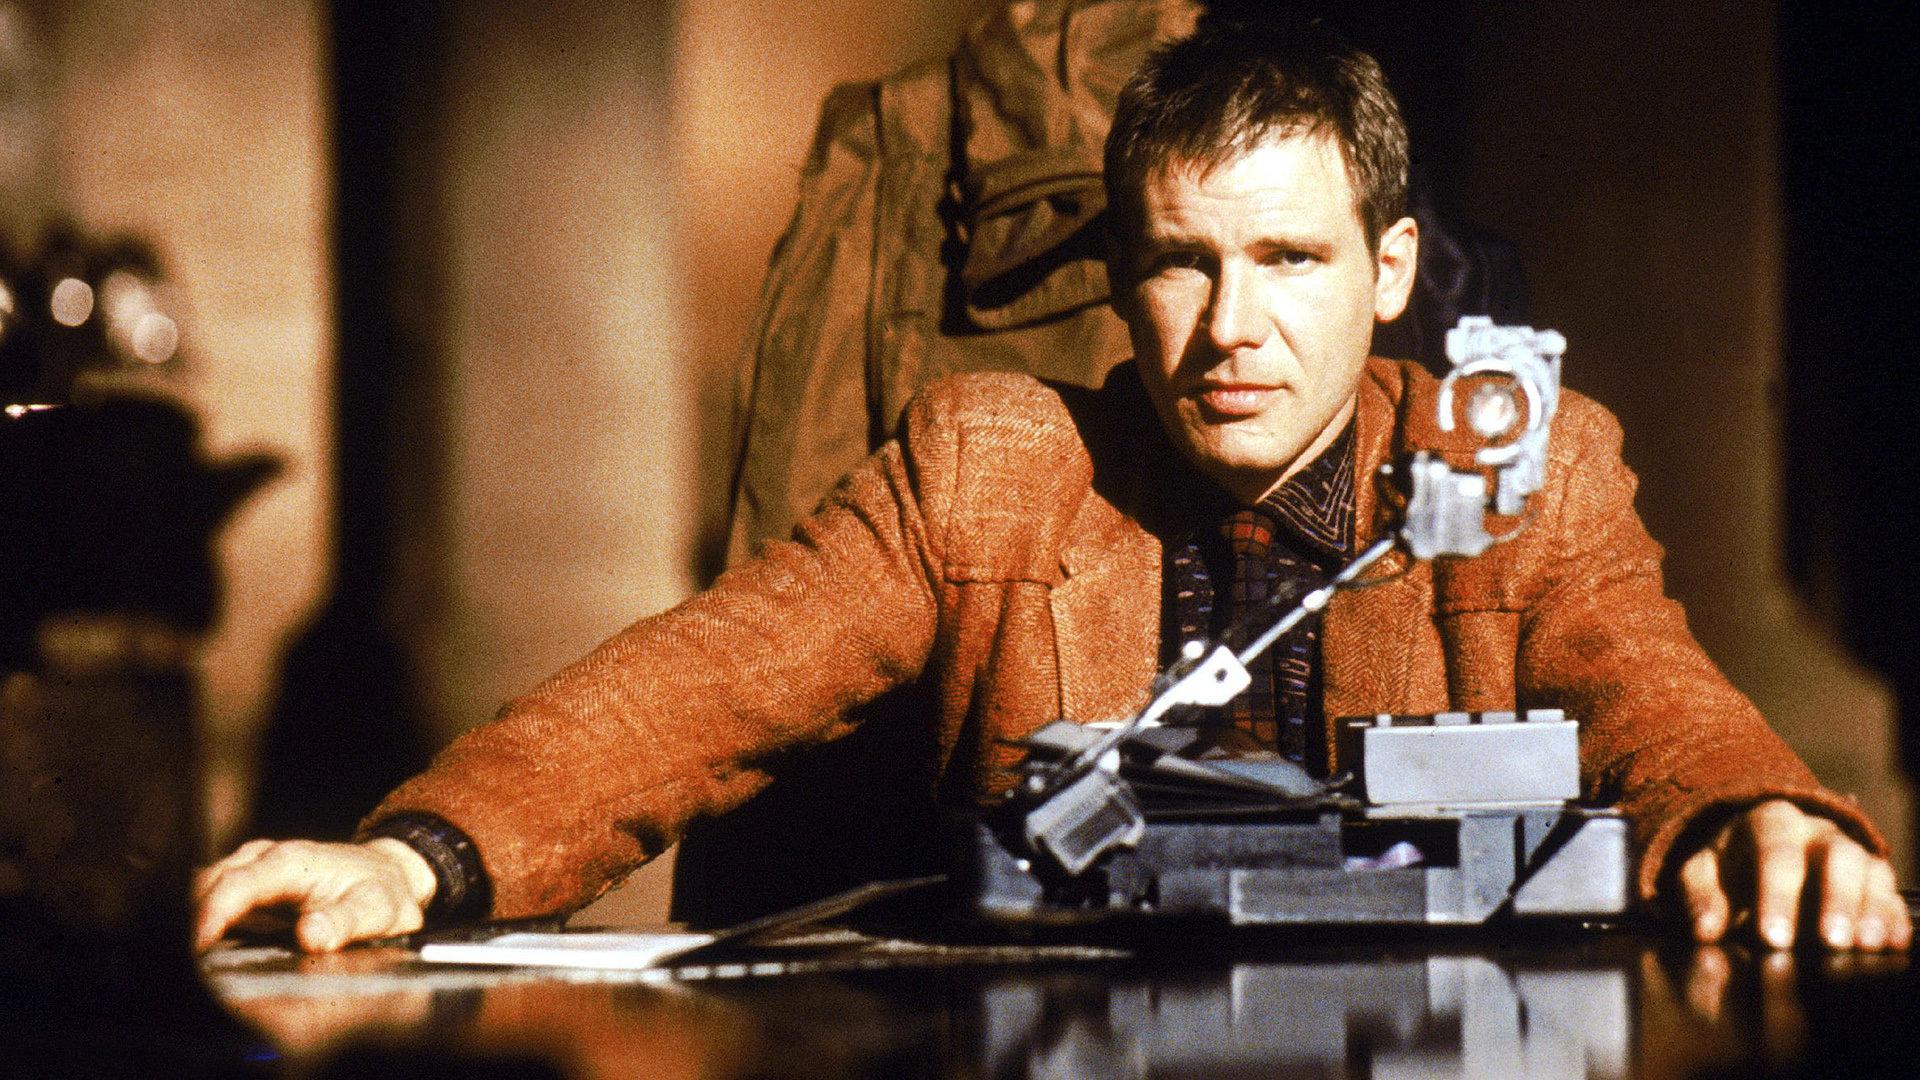 Monsieur Barbier vous présente Blade Runner, la question de l'humain, c'est couper les cheveux en quatre.